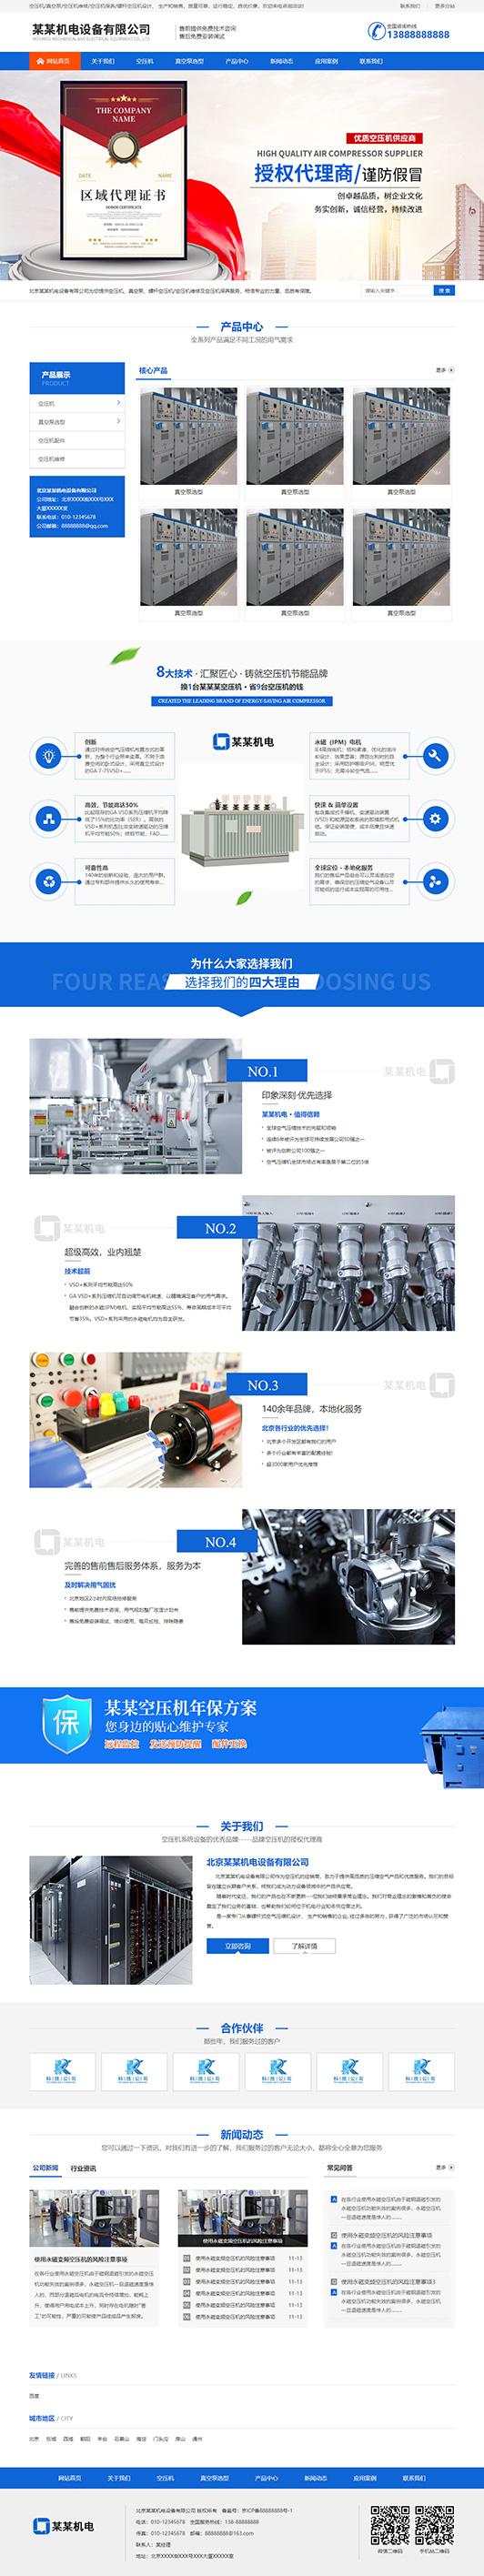 机电设备设备制造公司通用响应式模板